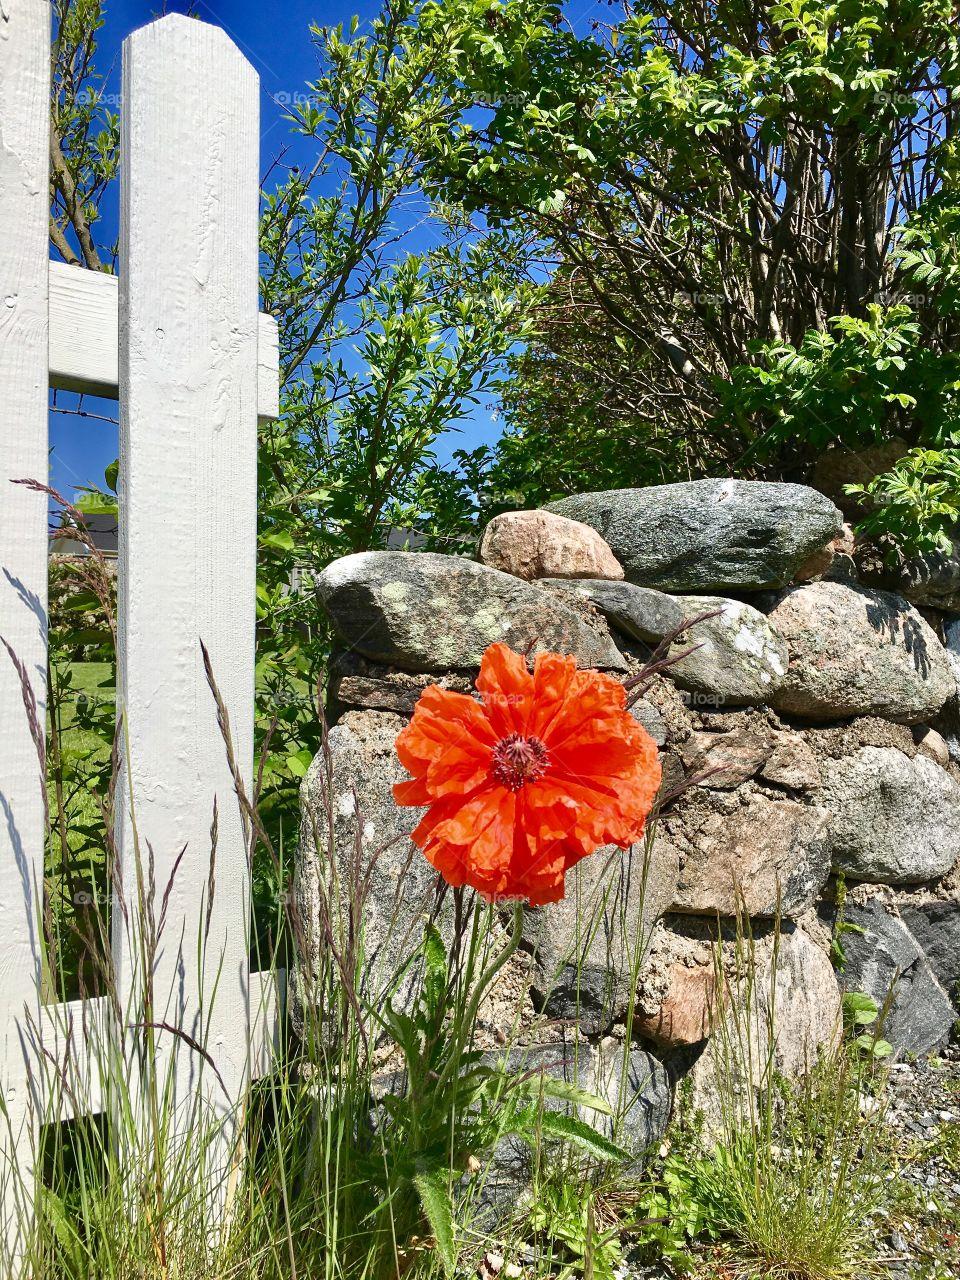 Bright orange flower in grass